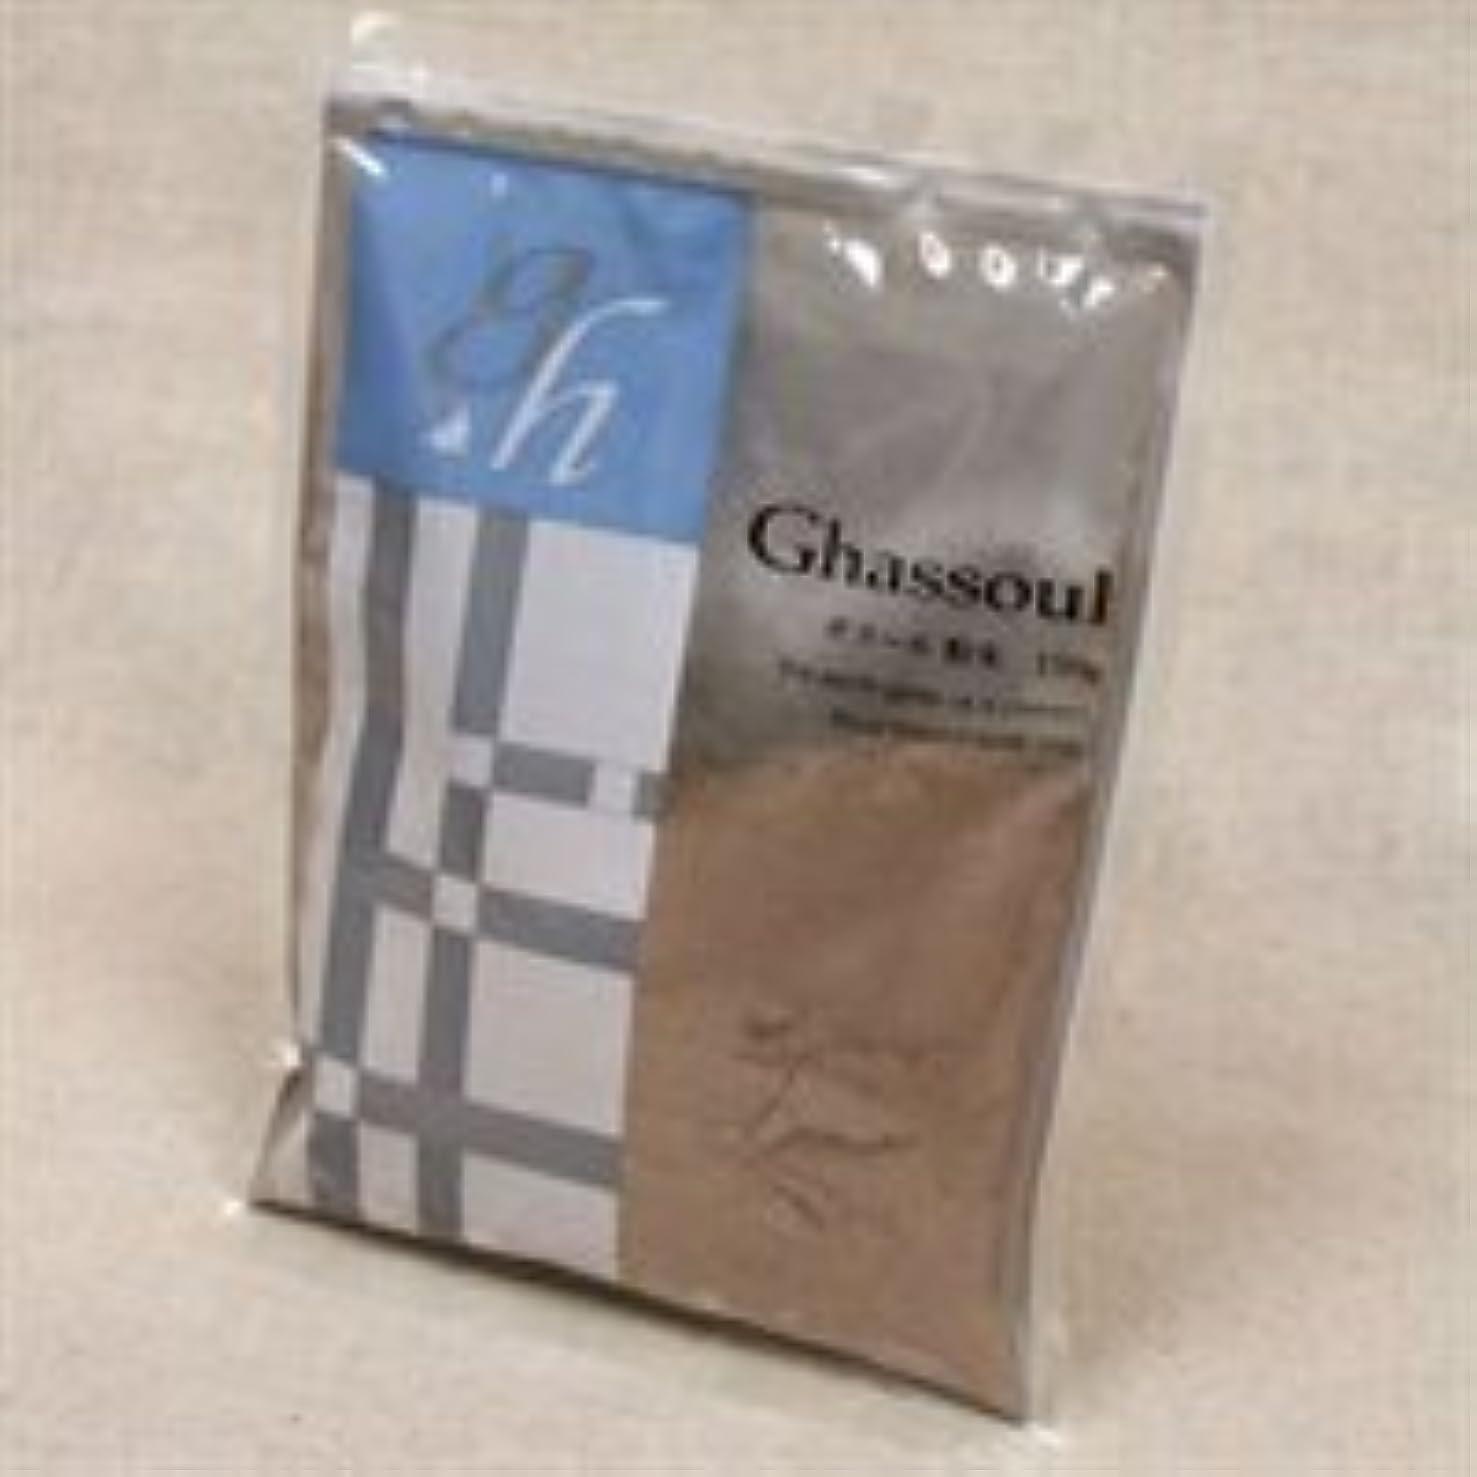 なんとなく薬を飲む化粧Naiad(ナイアード) ガスール粉末タイプ 150g 20個セット